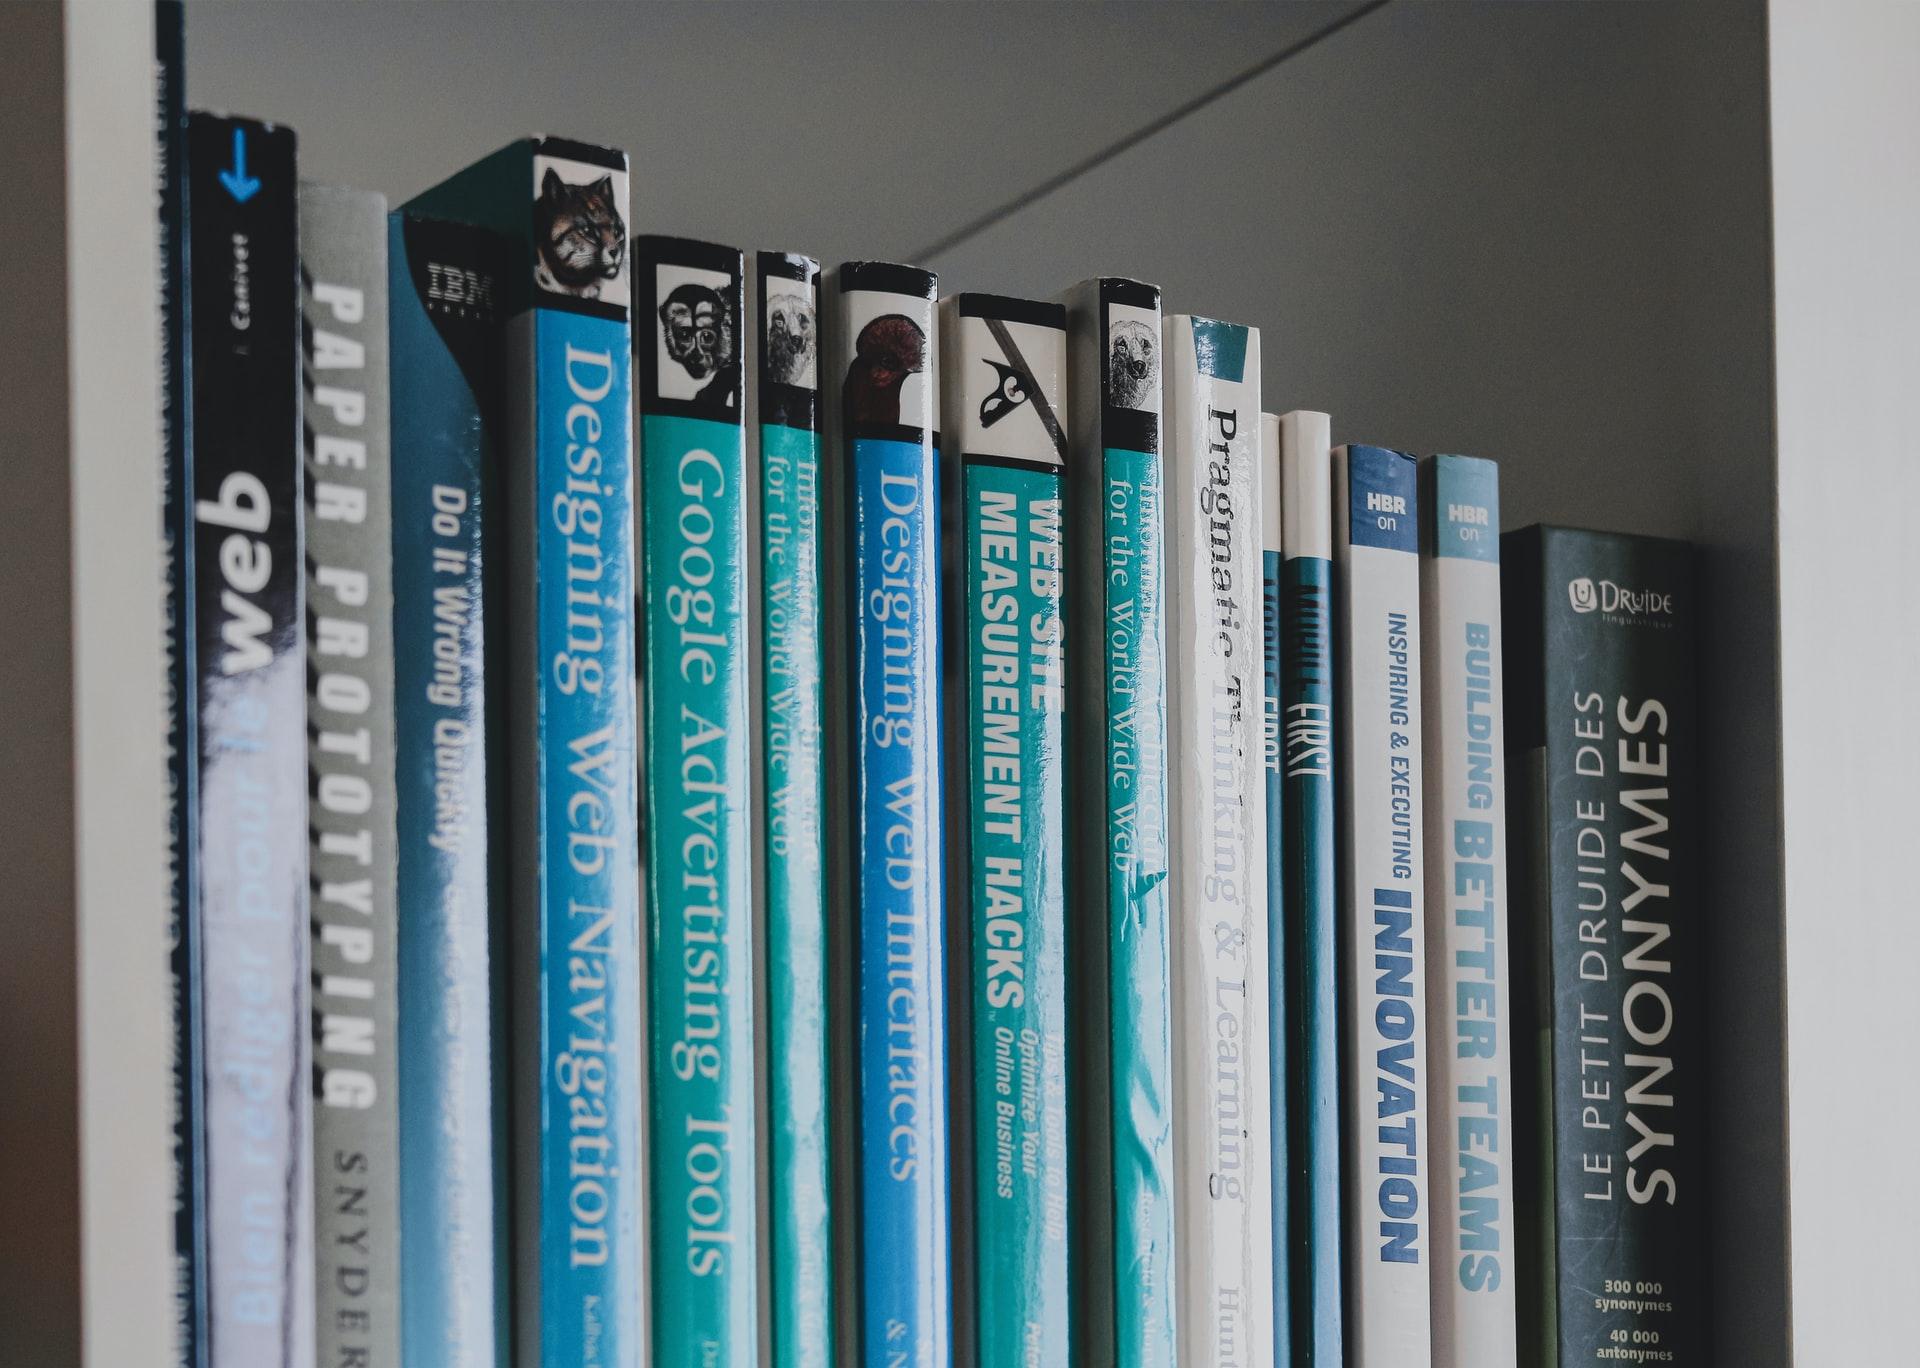 本棚に並んだたくさんのプログラミングの参考書